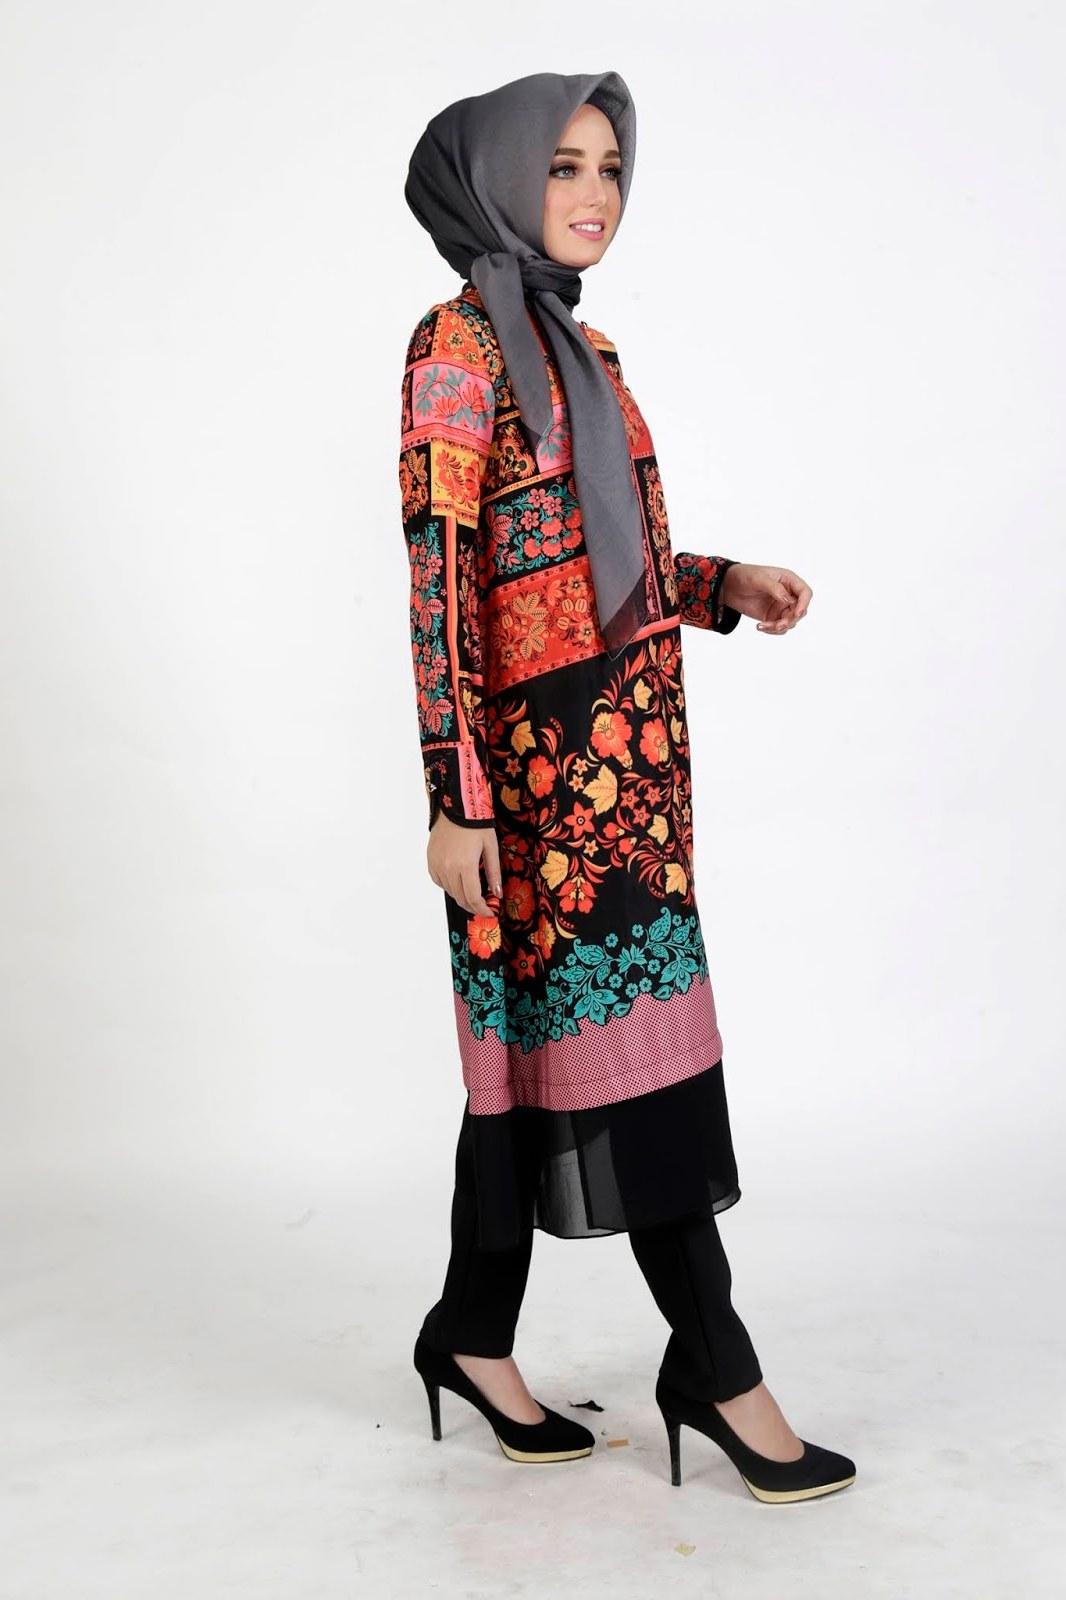 Bentuk Trend Warna Baju Lebaran 2018 Irdz Trend Baju Lebaran 2018 Menurut Desainer Ternama Indonesia